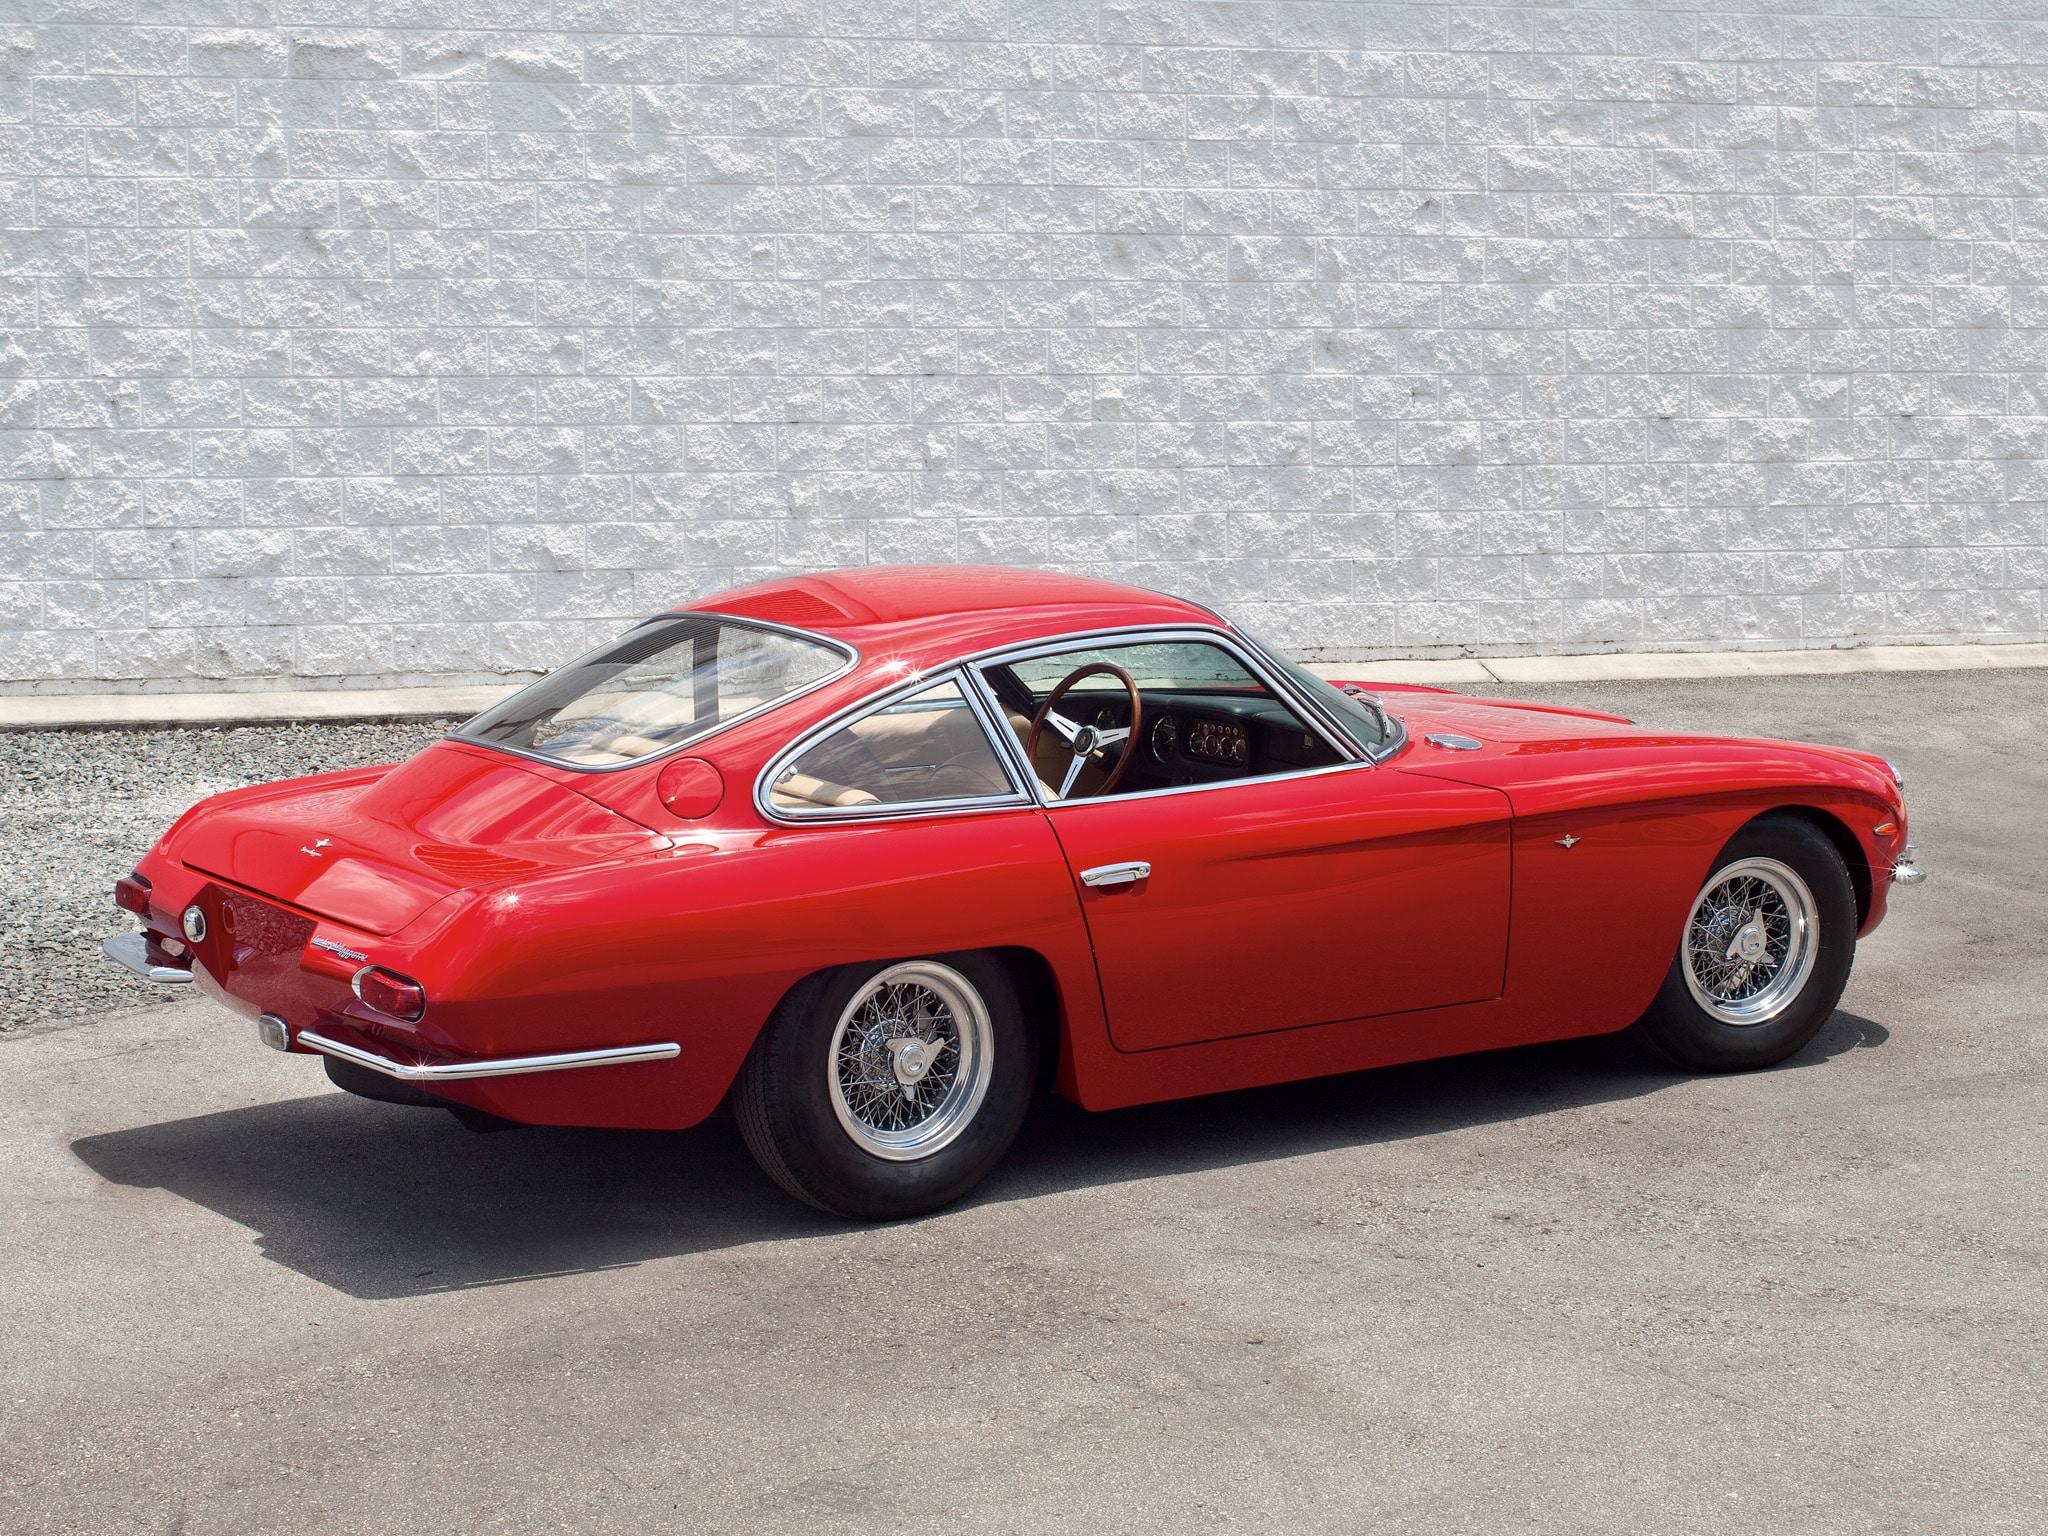 Lamborghini monza